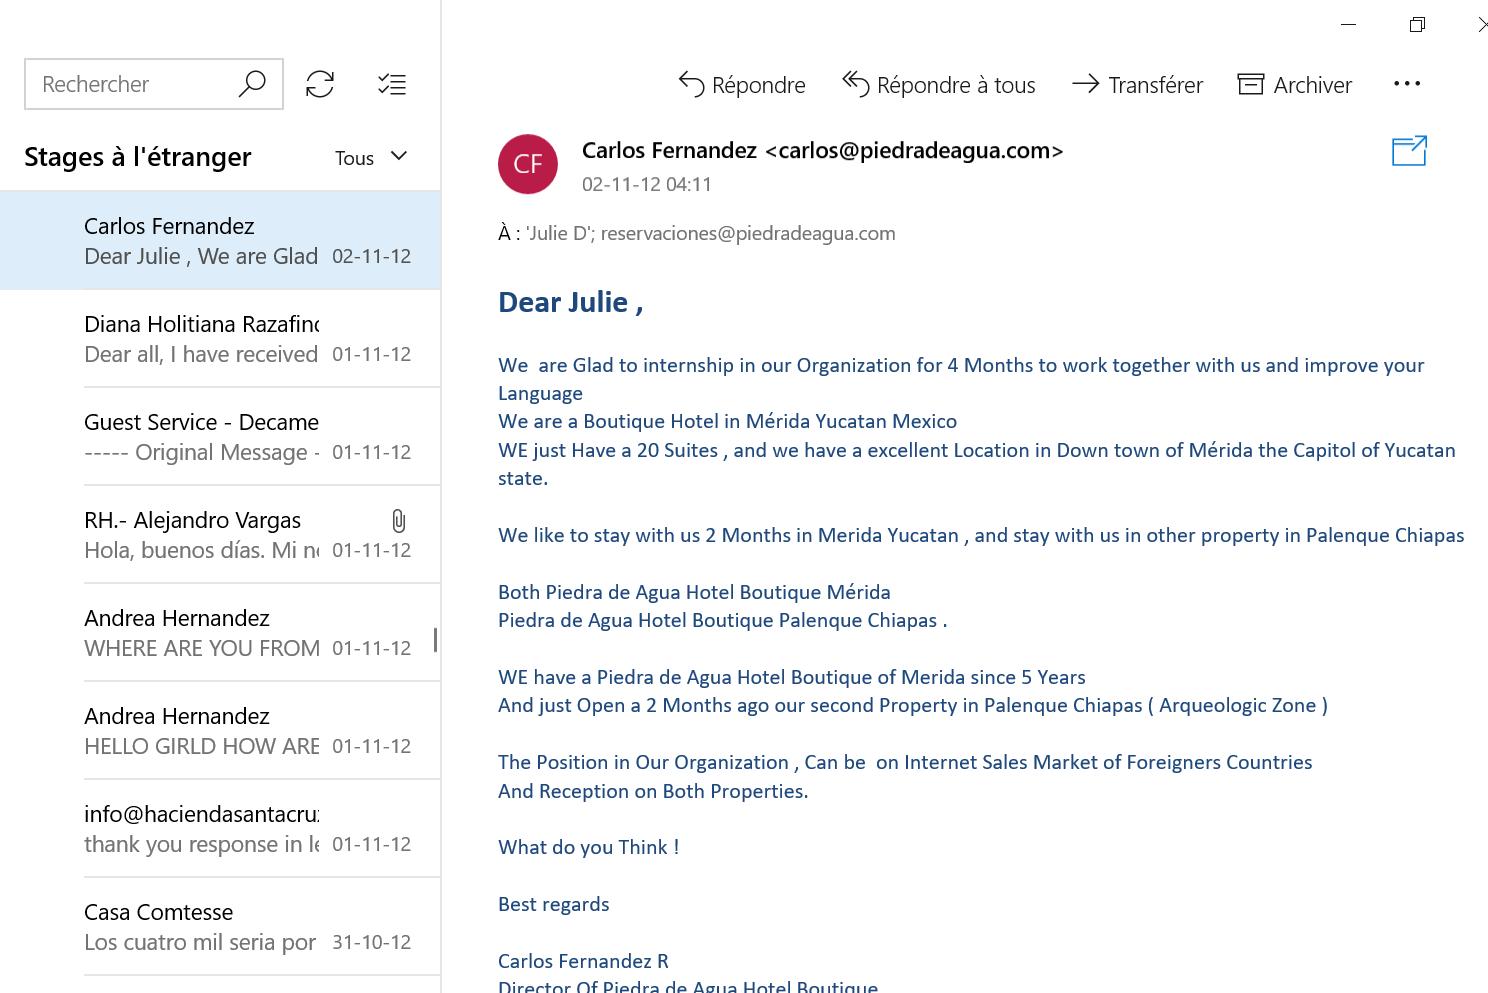 Recherche de stage à l'étranger email 12